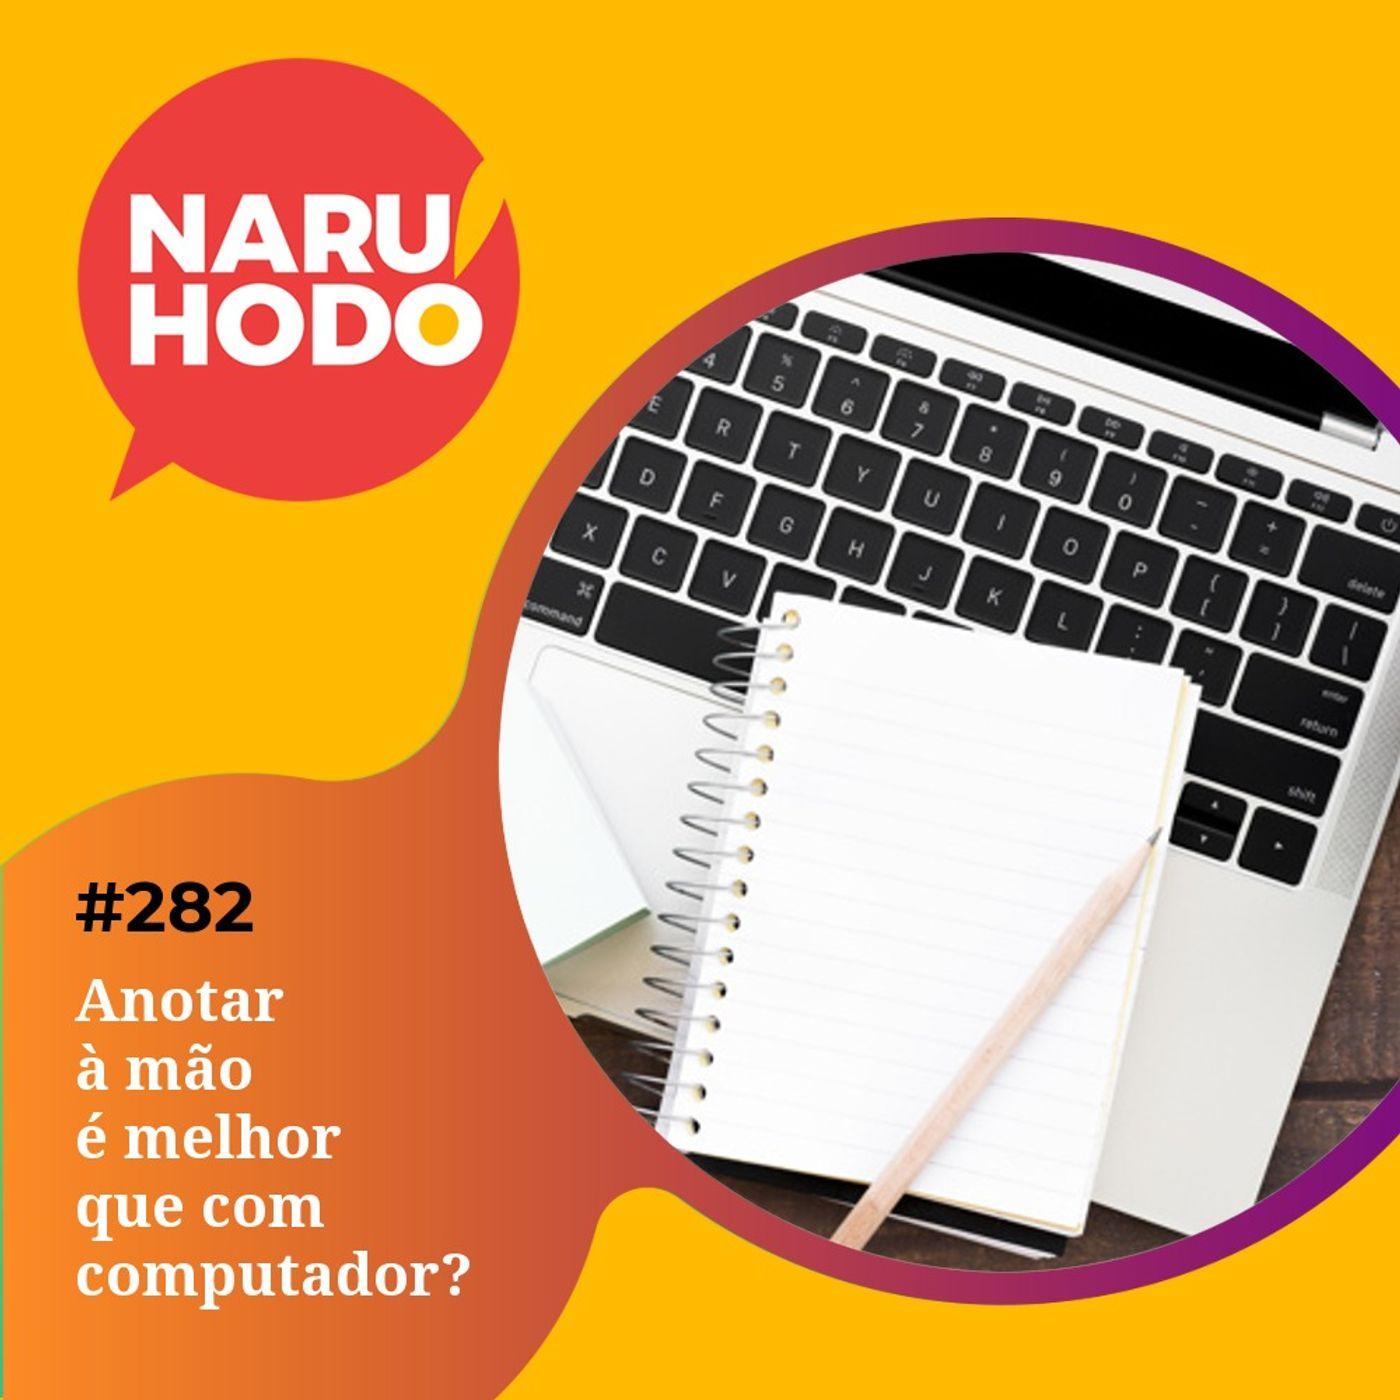 Naruhodo #282 - Anotar à mão é melhor que com computador?